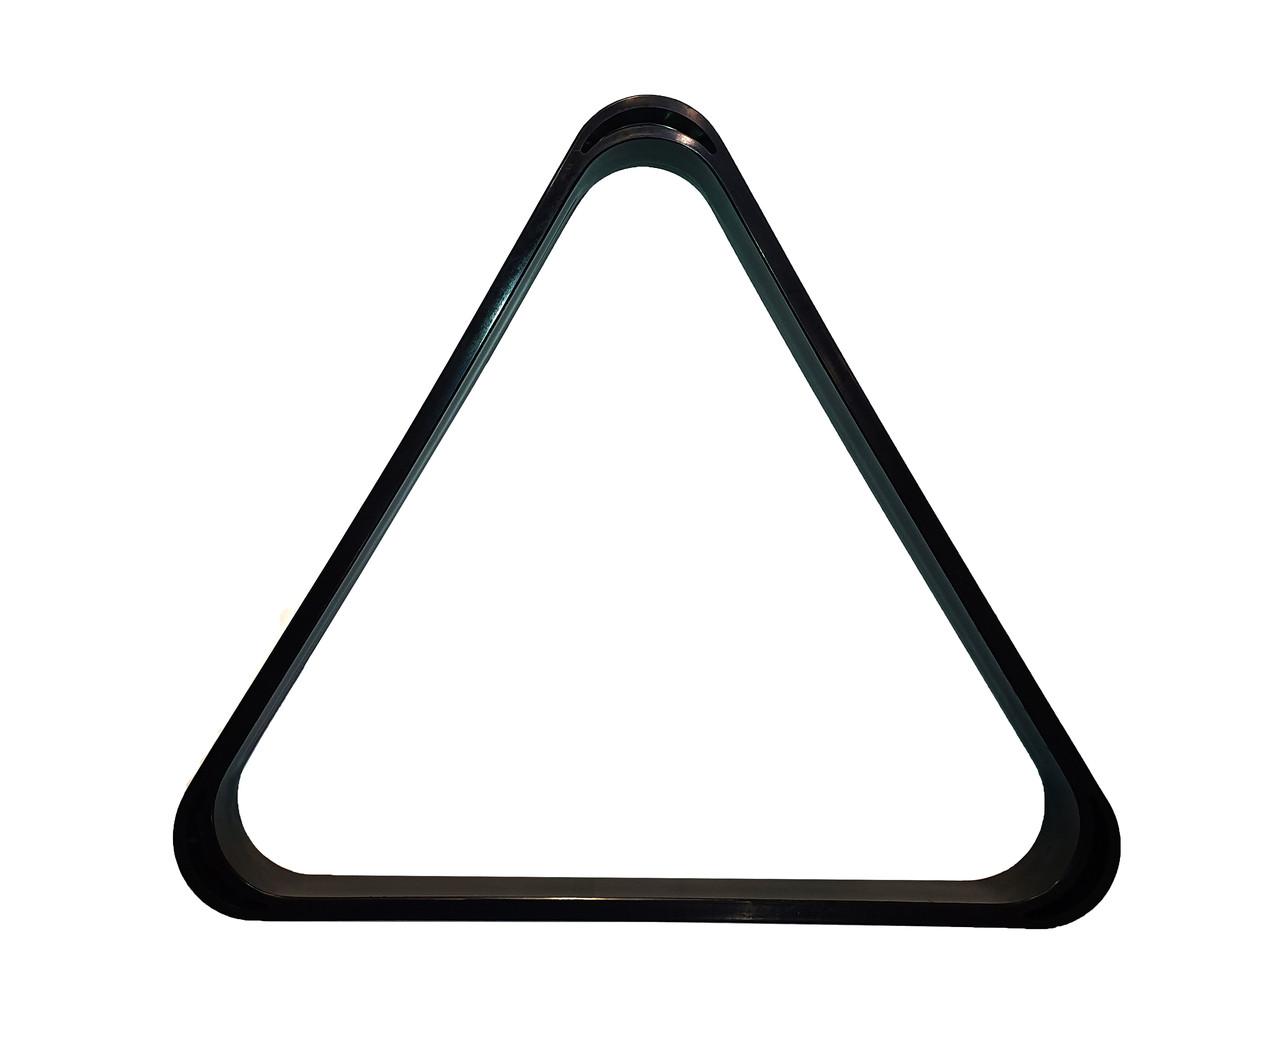 Більярдний трикутник для піраміди 68мм, пластик